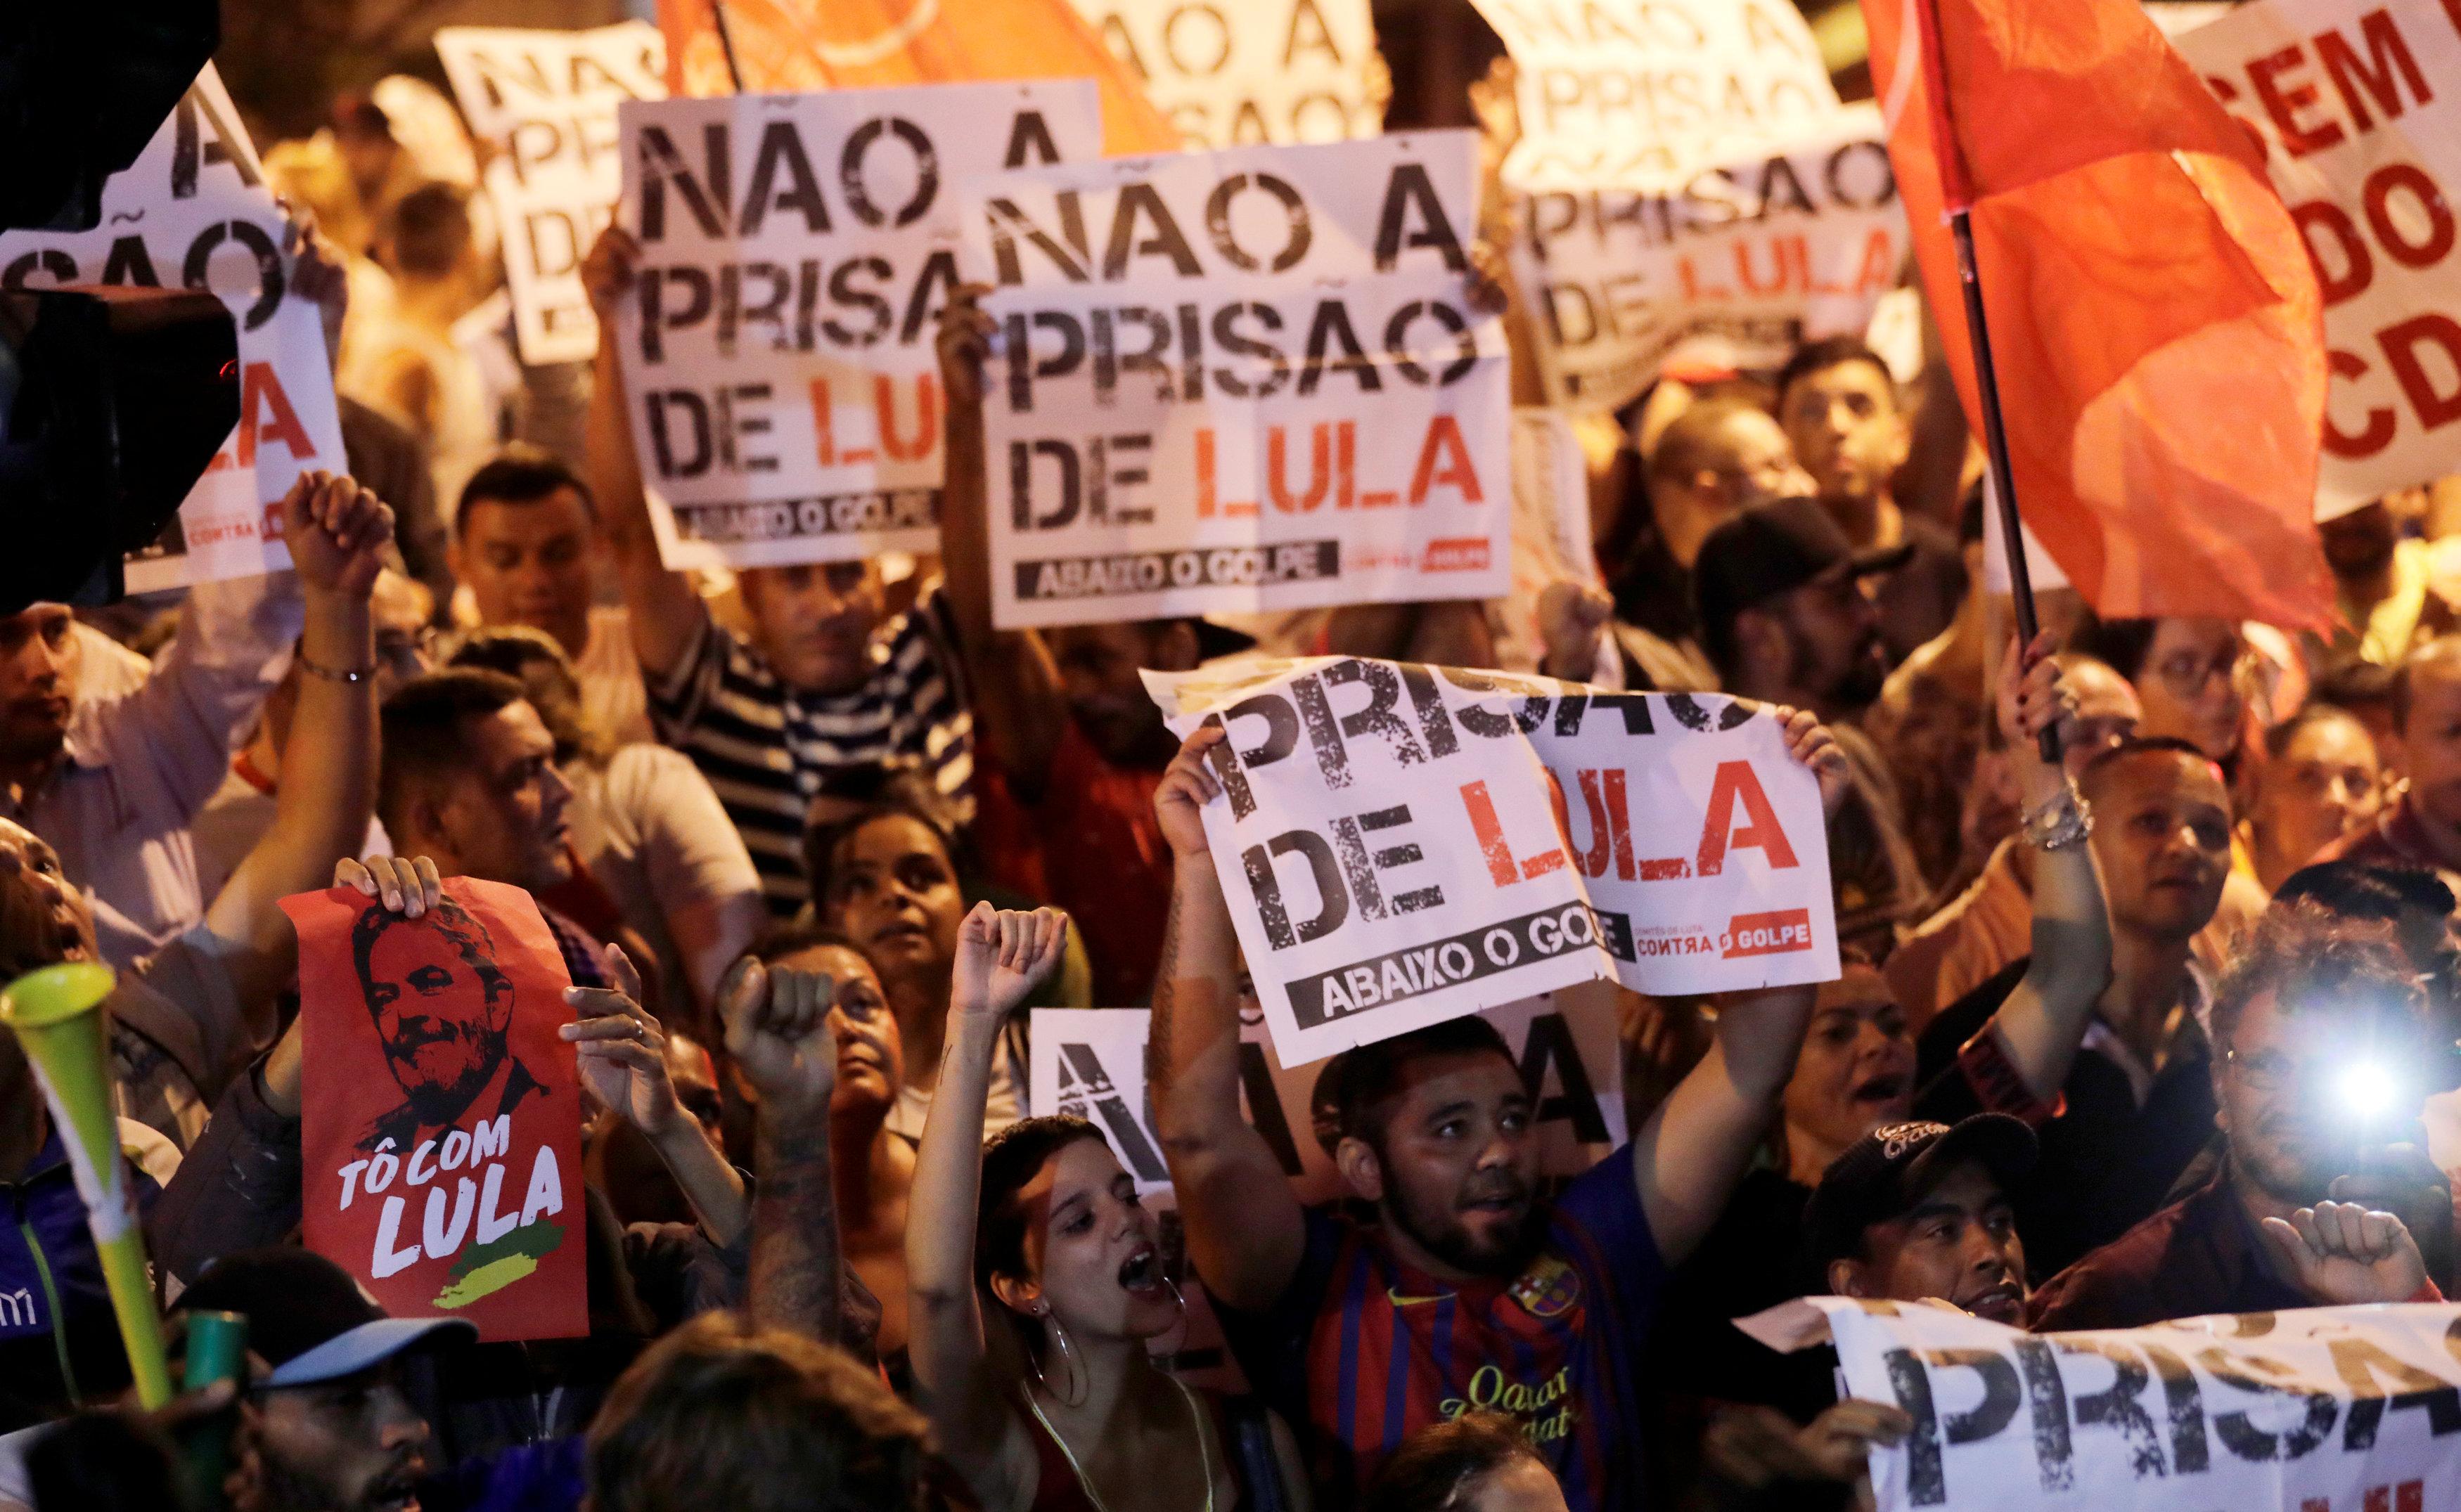 Simpatizantes de Lula muestran su rechazo a la decisión del juez Moro, frente a la sede del sindicato matelúrigico donde se refugió Lula.